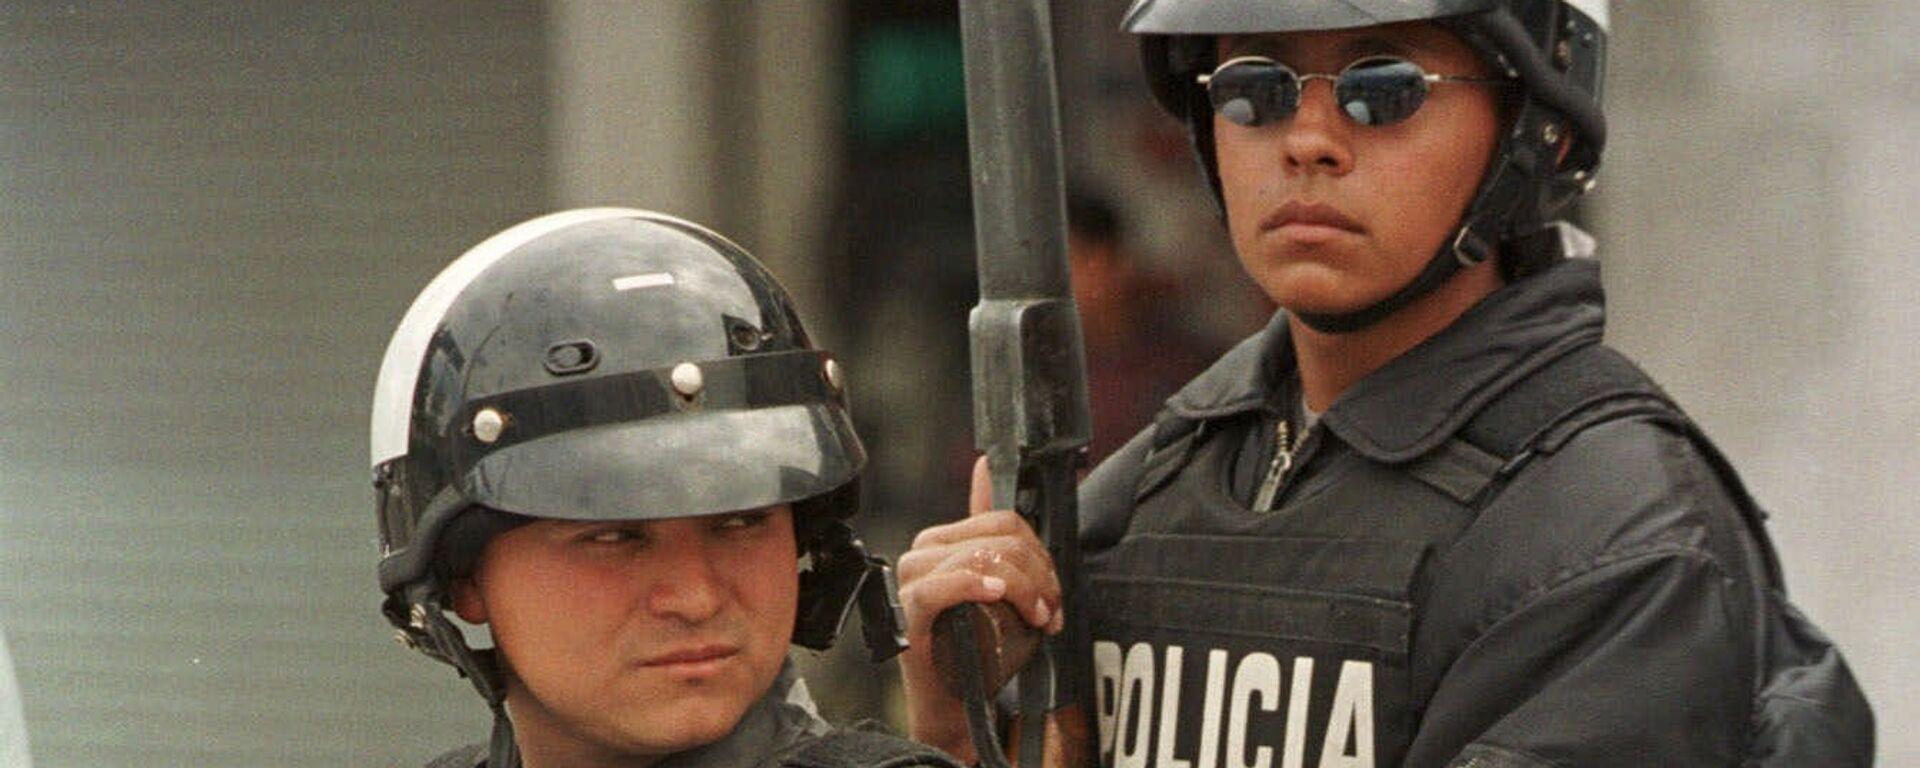 Policía de Ecuador (archivo) - Sputnik Mundo, 1920, 31.05.2021